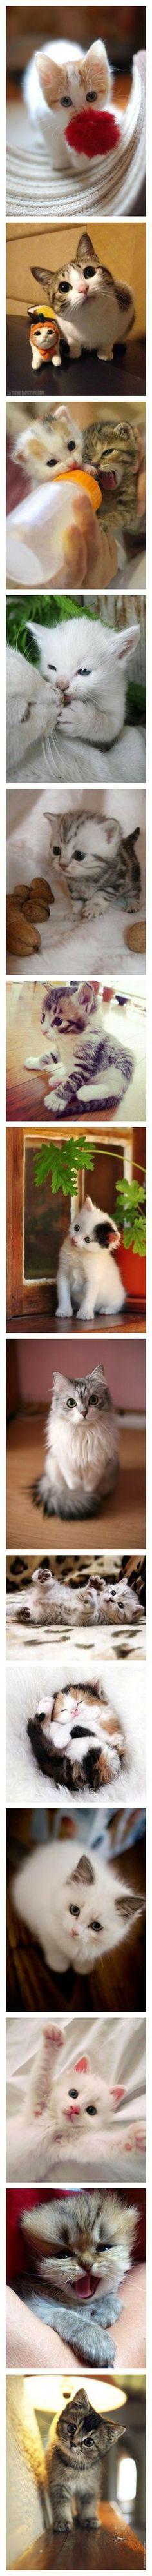 cats,so cute & so funny